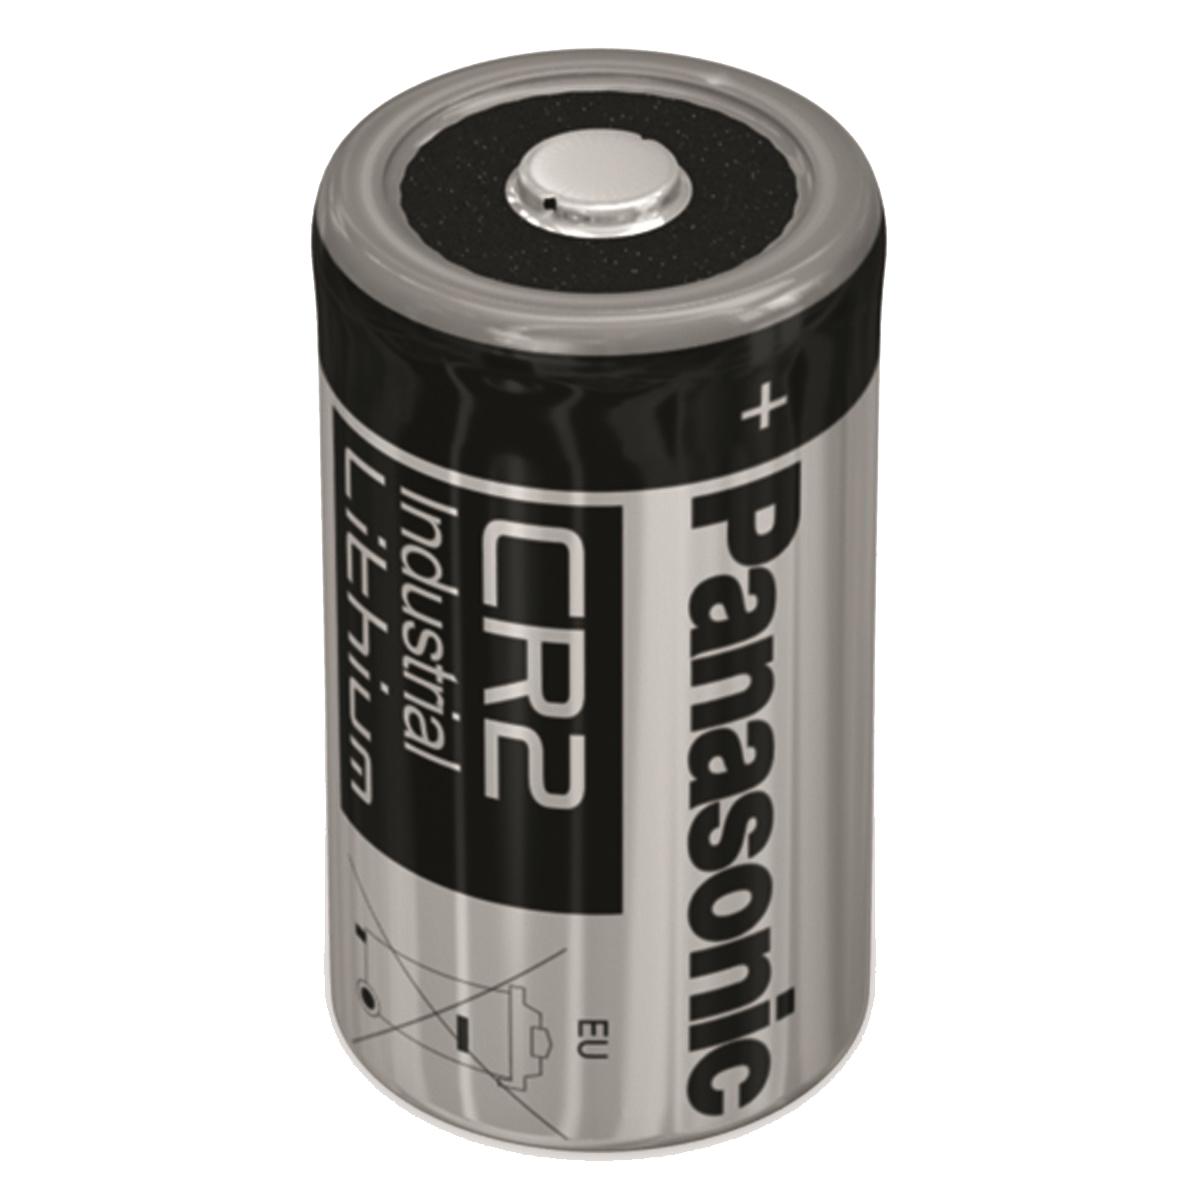 CR2 Batterie für das CES Omega Flex Home & Office Set